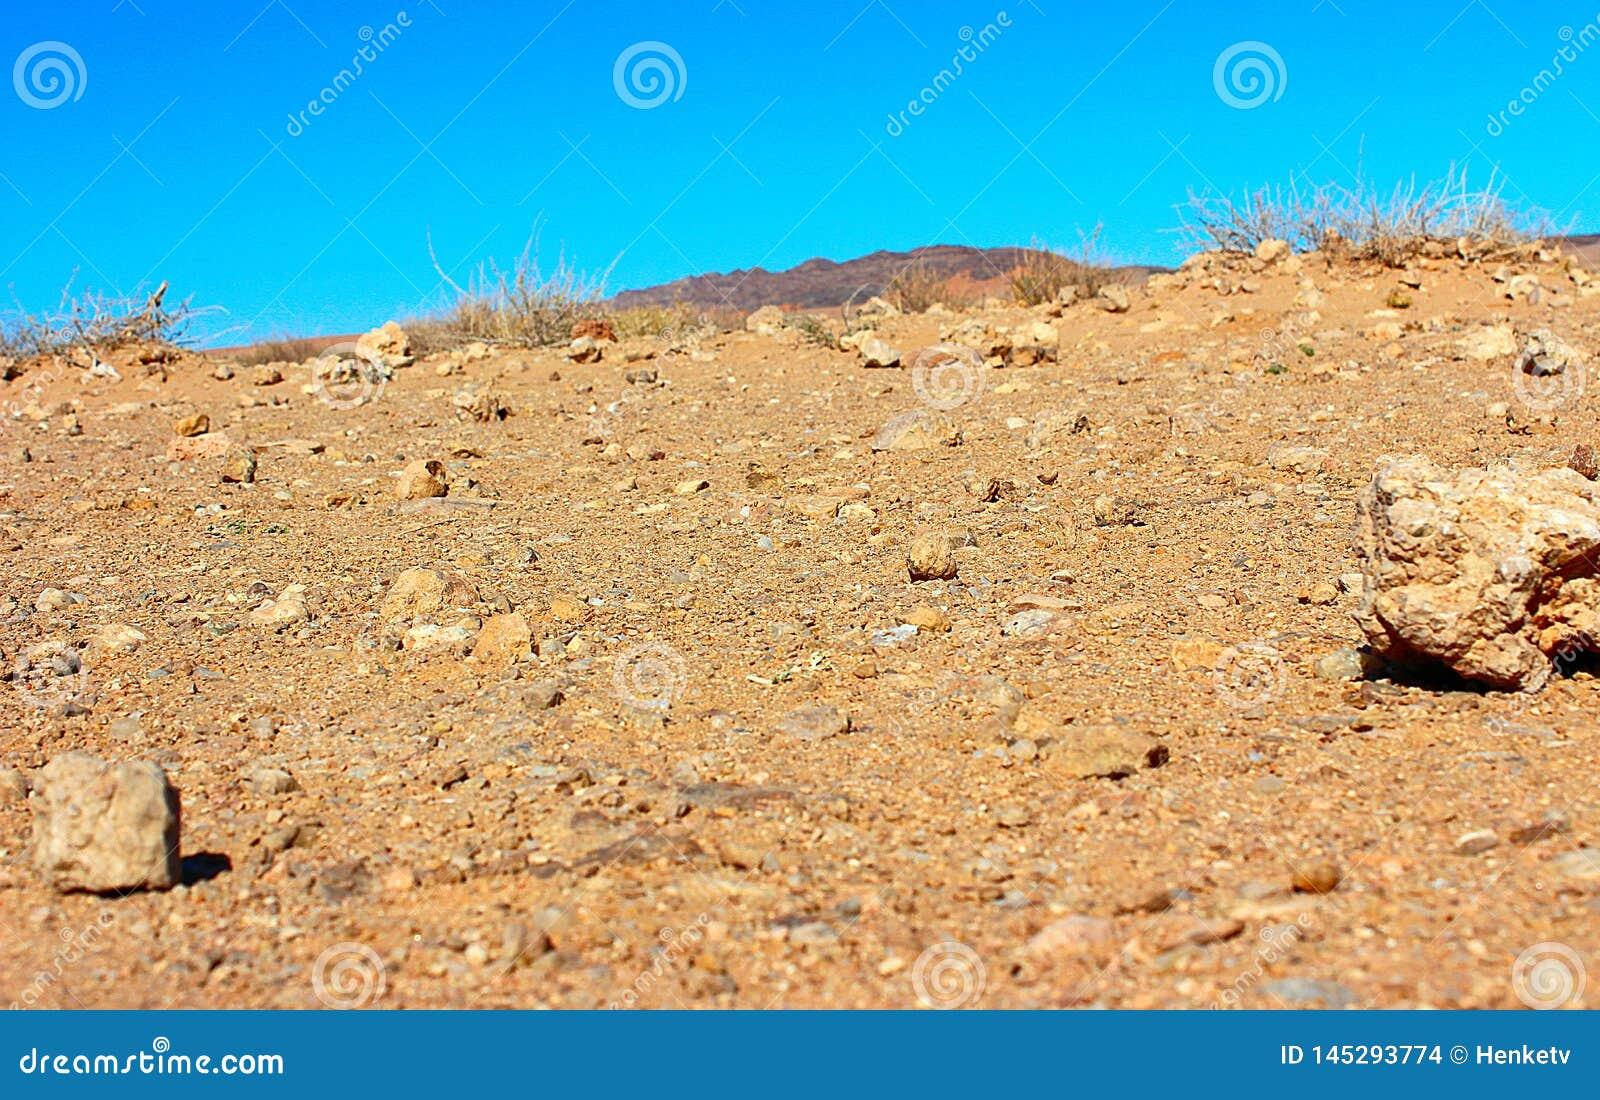 Песок пустыни в Африке